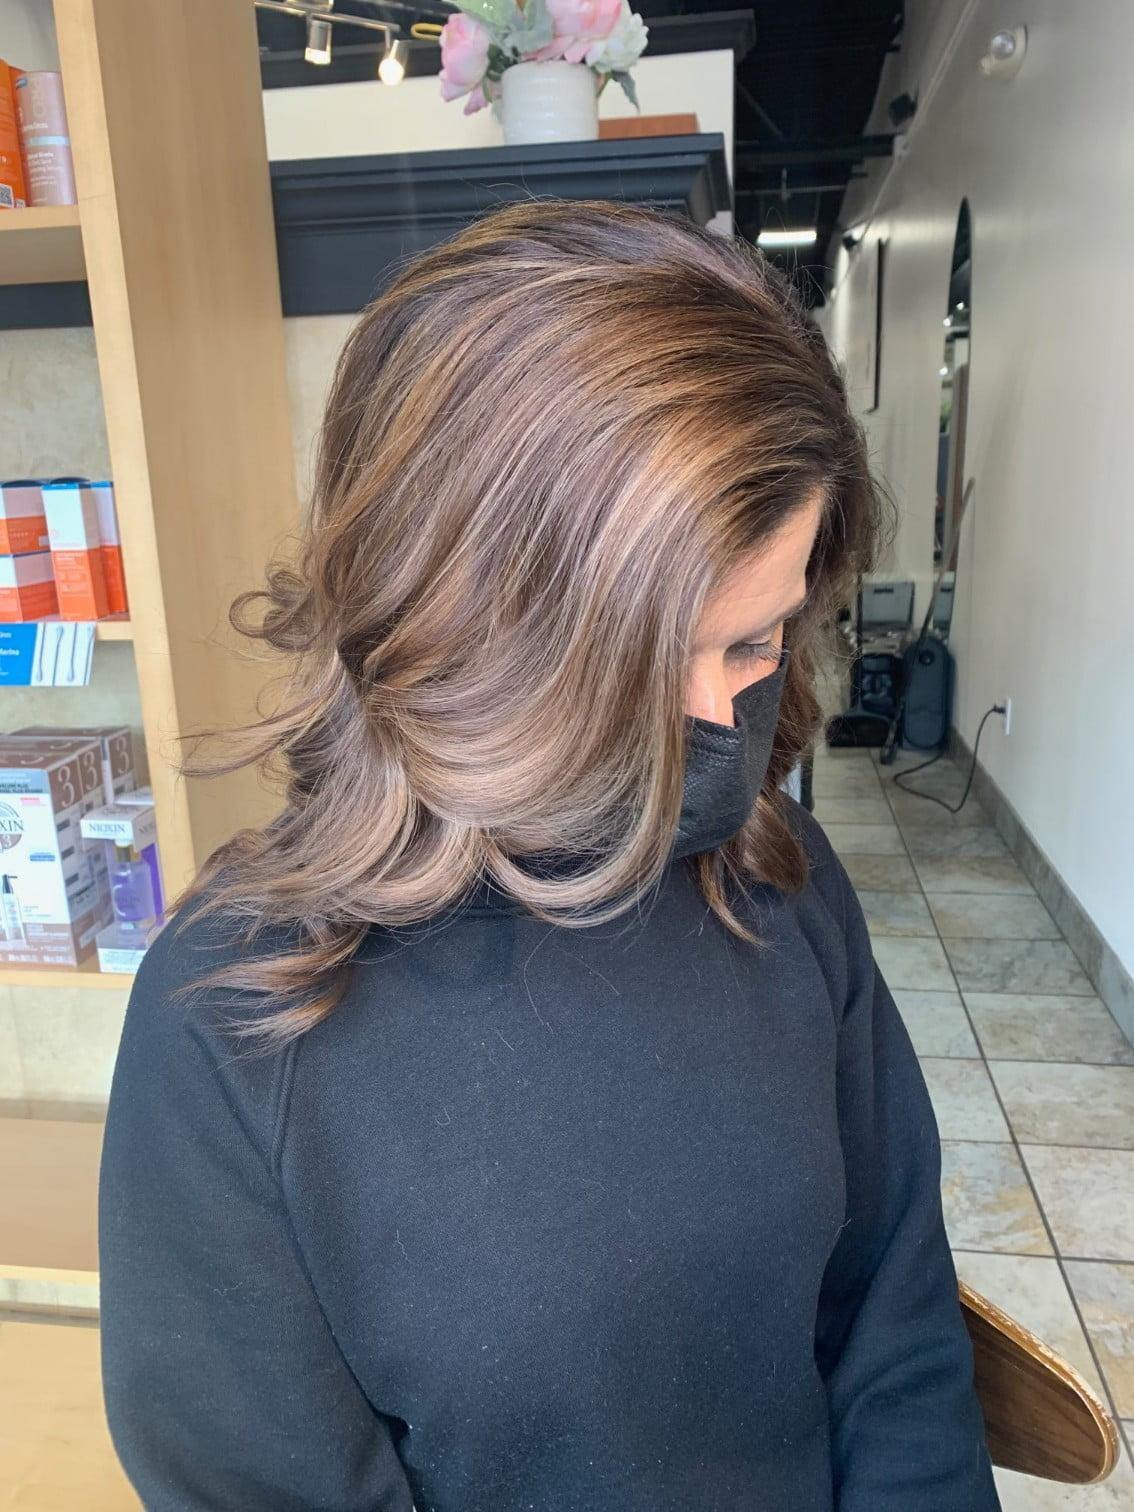 Ania Hair Salon_ highlighted brown hair